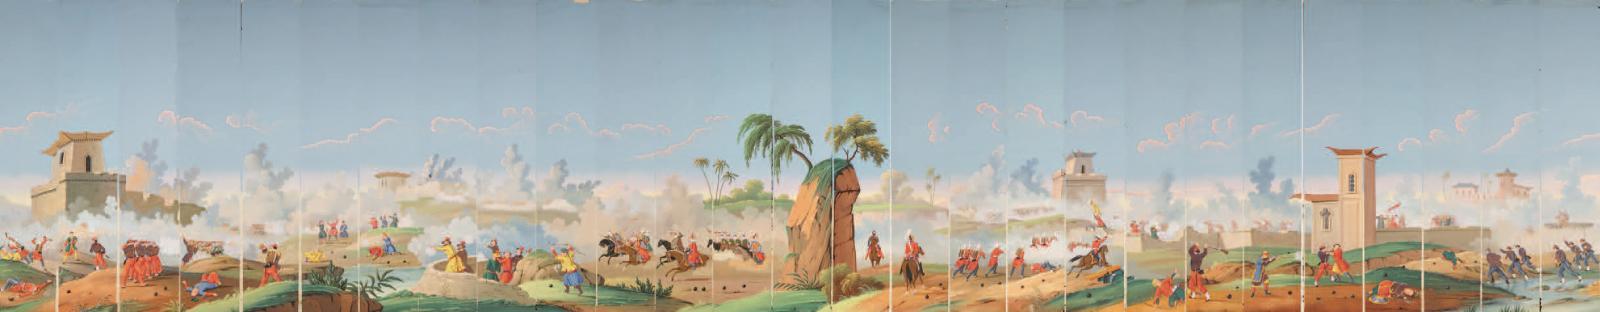 L'Expédition de Chine, scène de bataille devant les fortifications de Dagu, vers 1860, décor panoramique en papier peint à la main, suite continue de